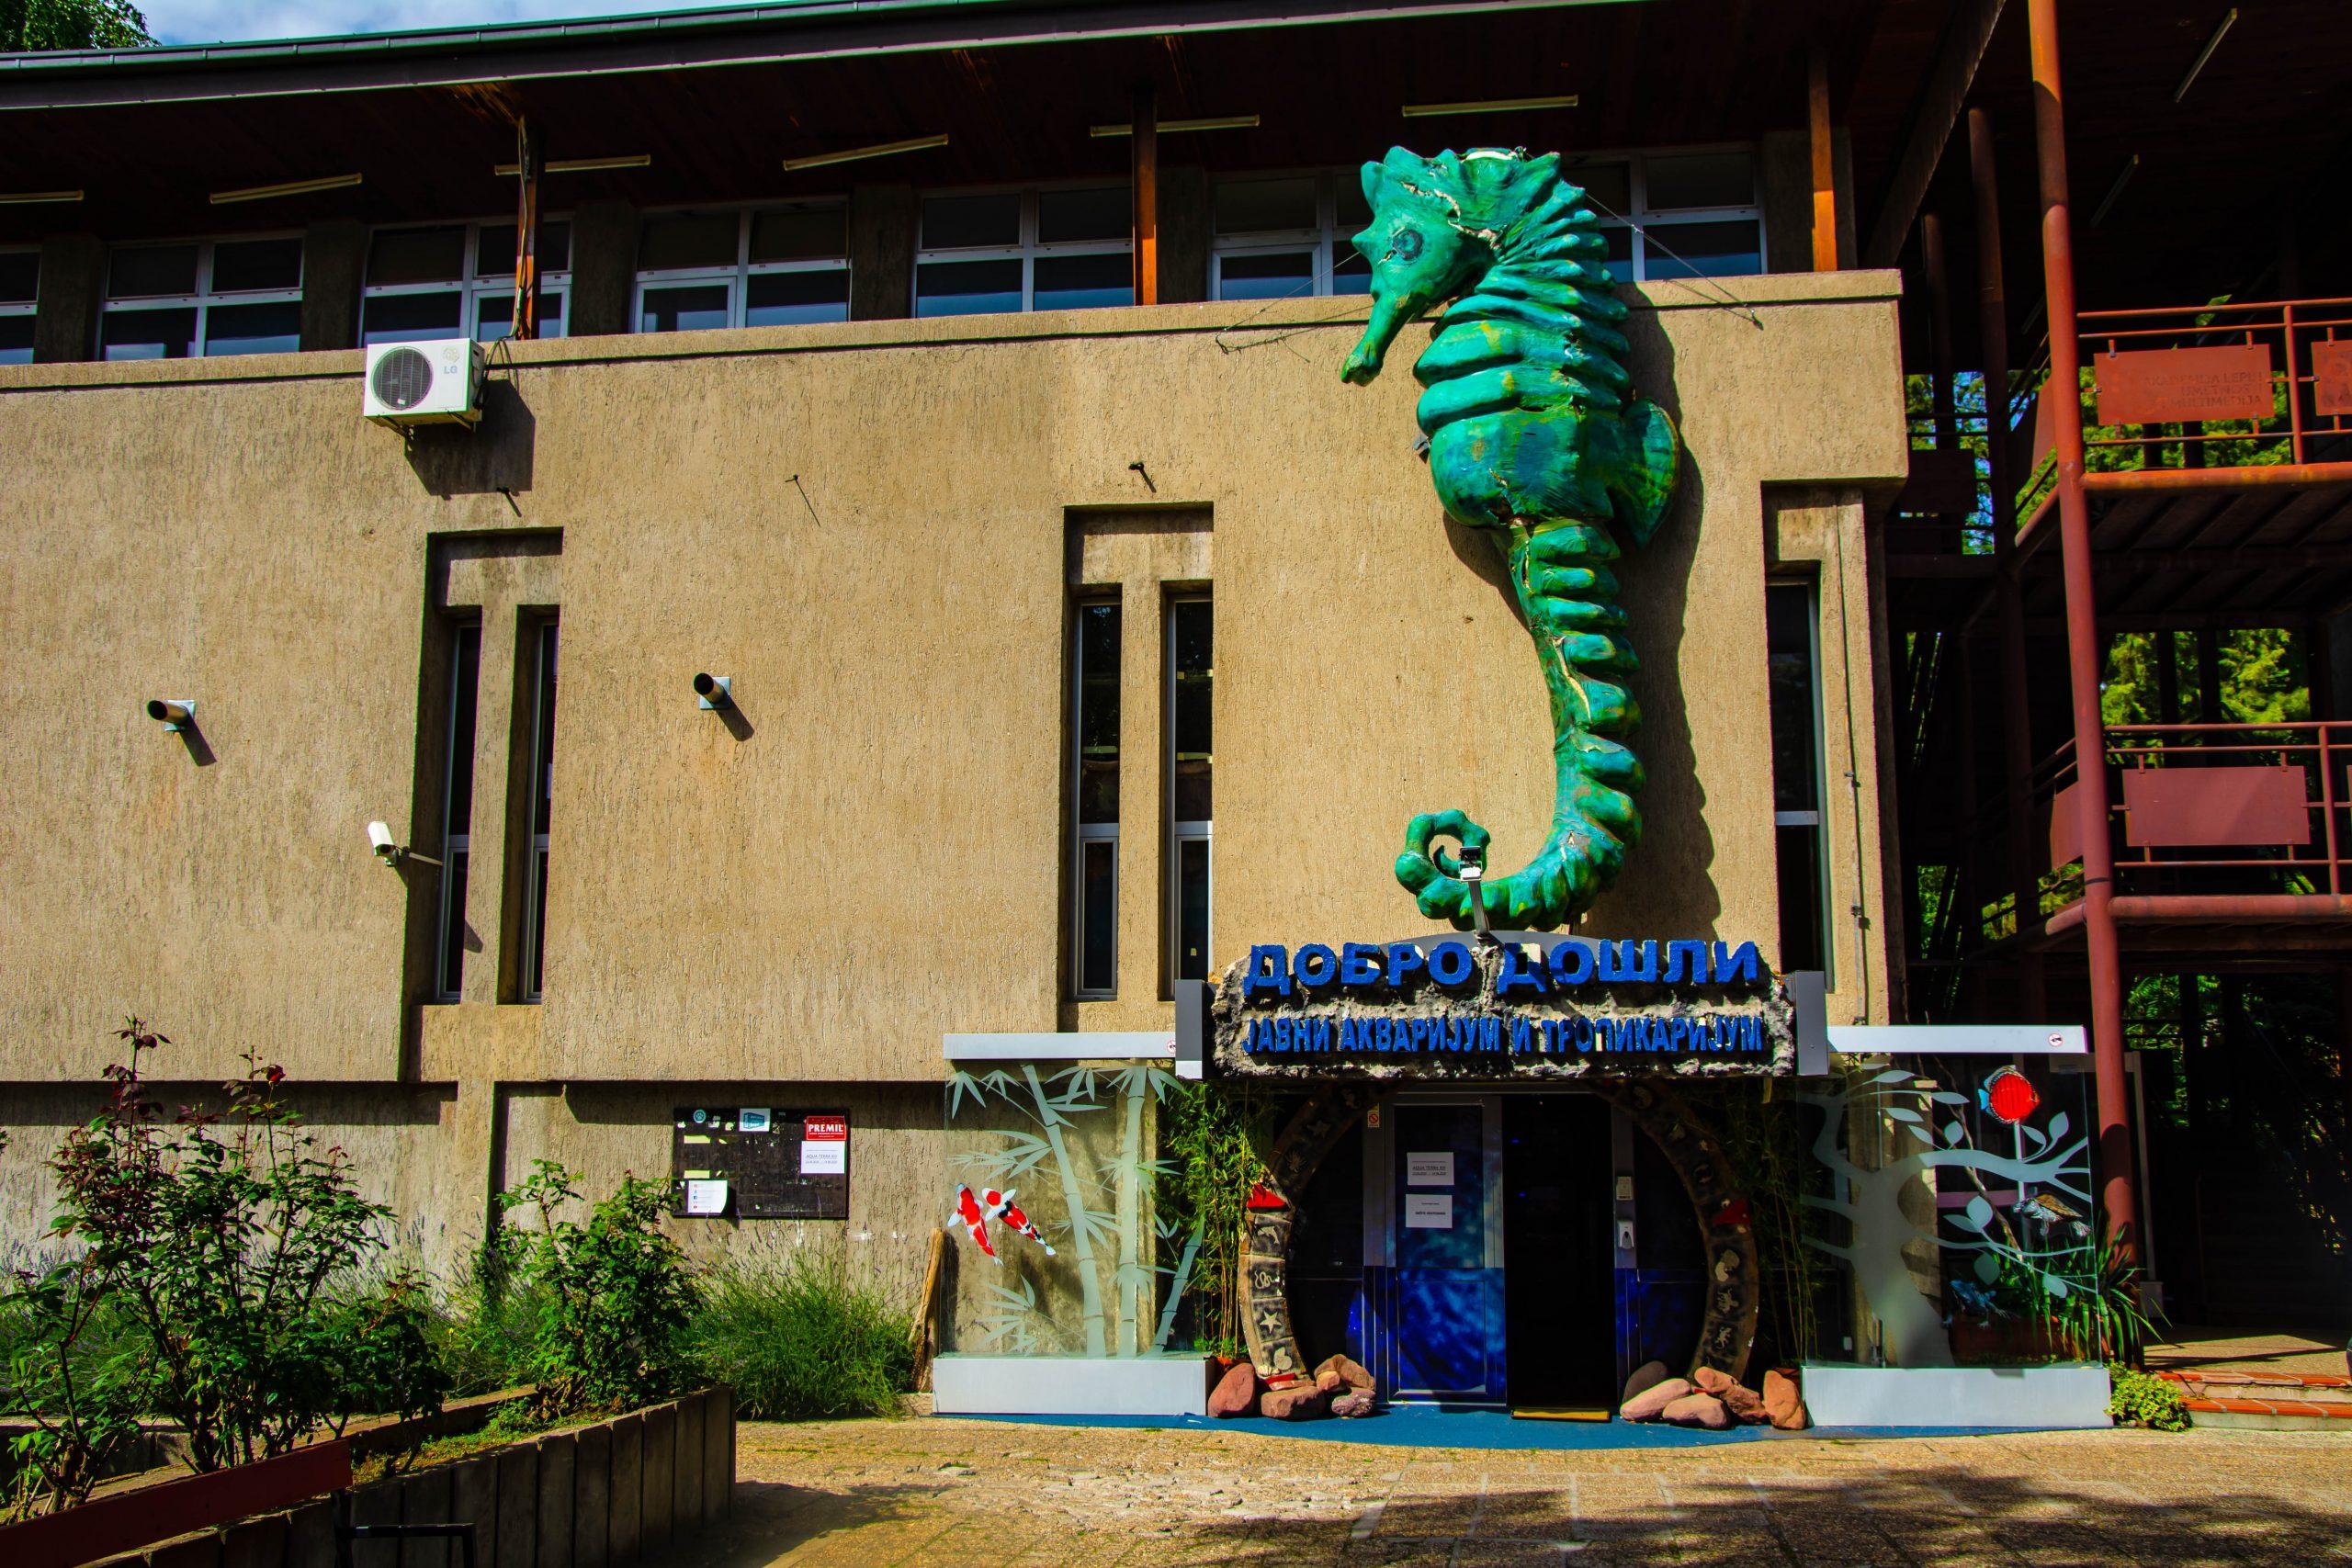 U Javnom akvarijumu: Mesto gde su životinje uvek na prvom mestu 3